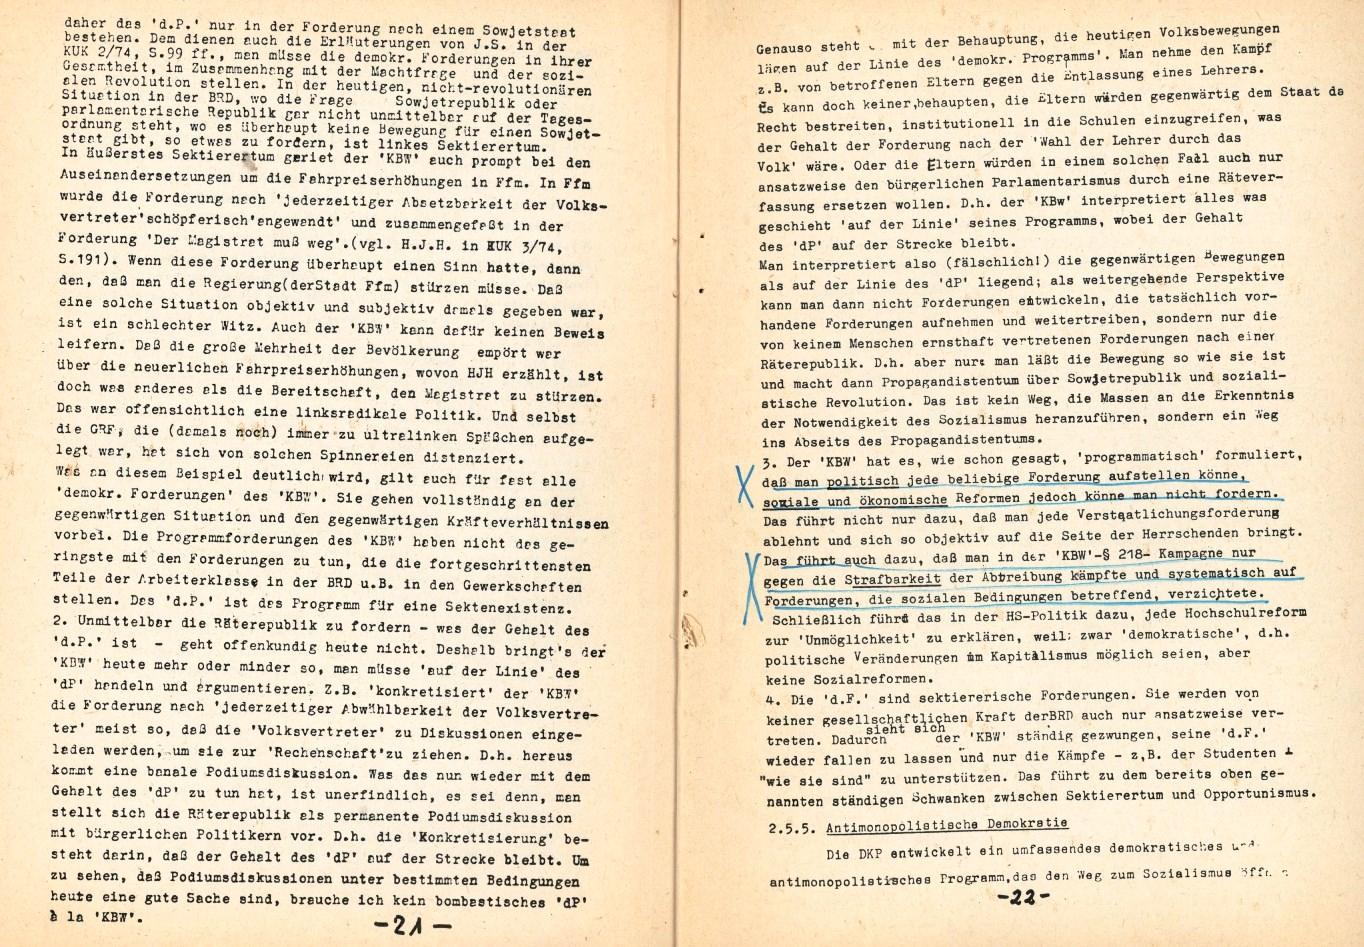 Giessen_MSB_1976_Der_KBW_eine_rechte_Organisation_13